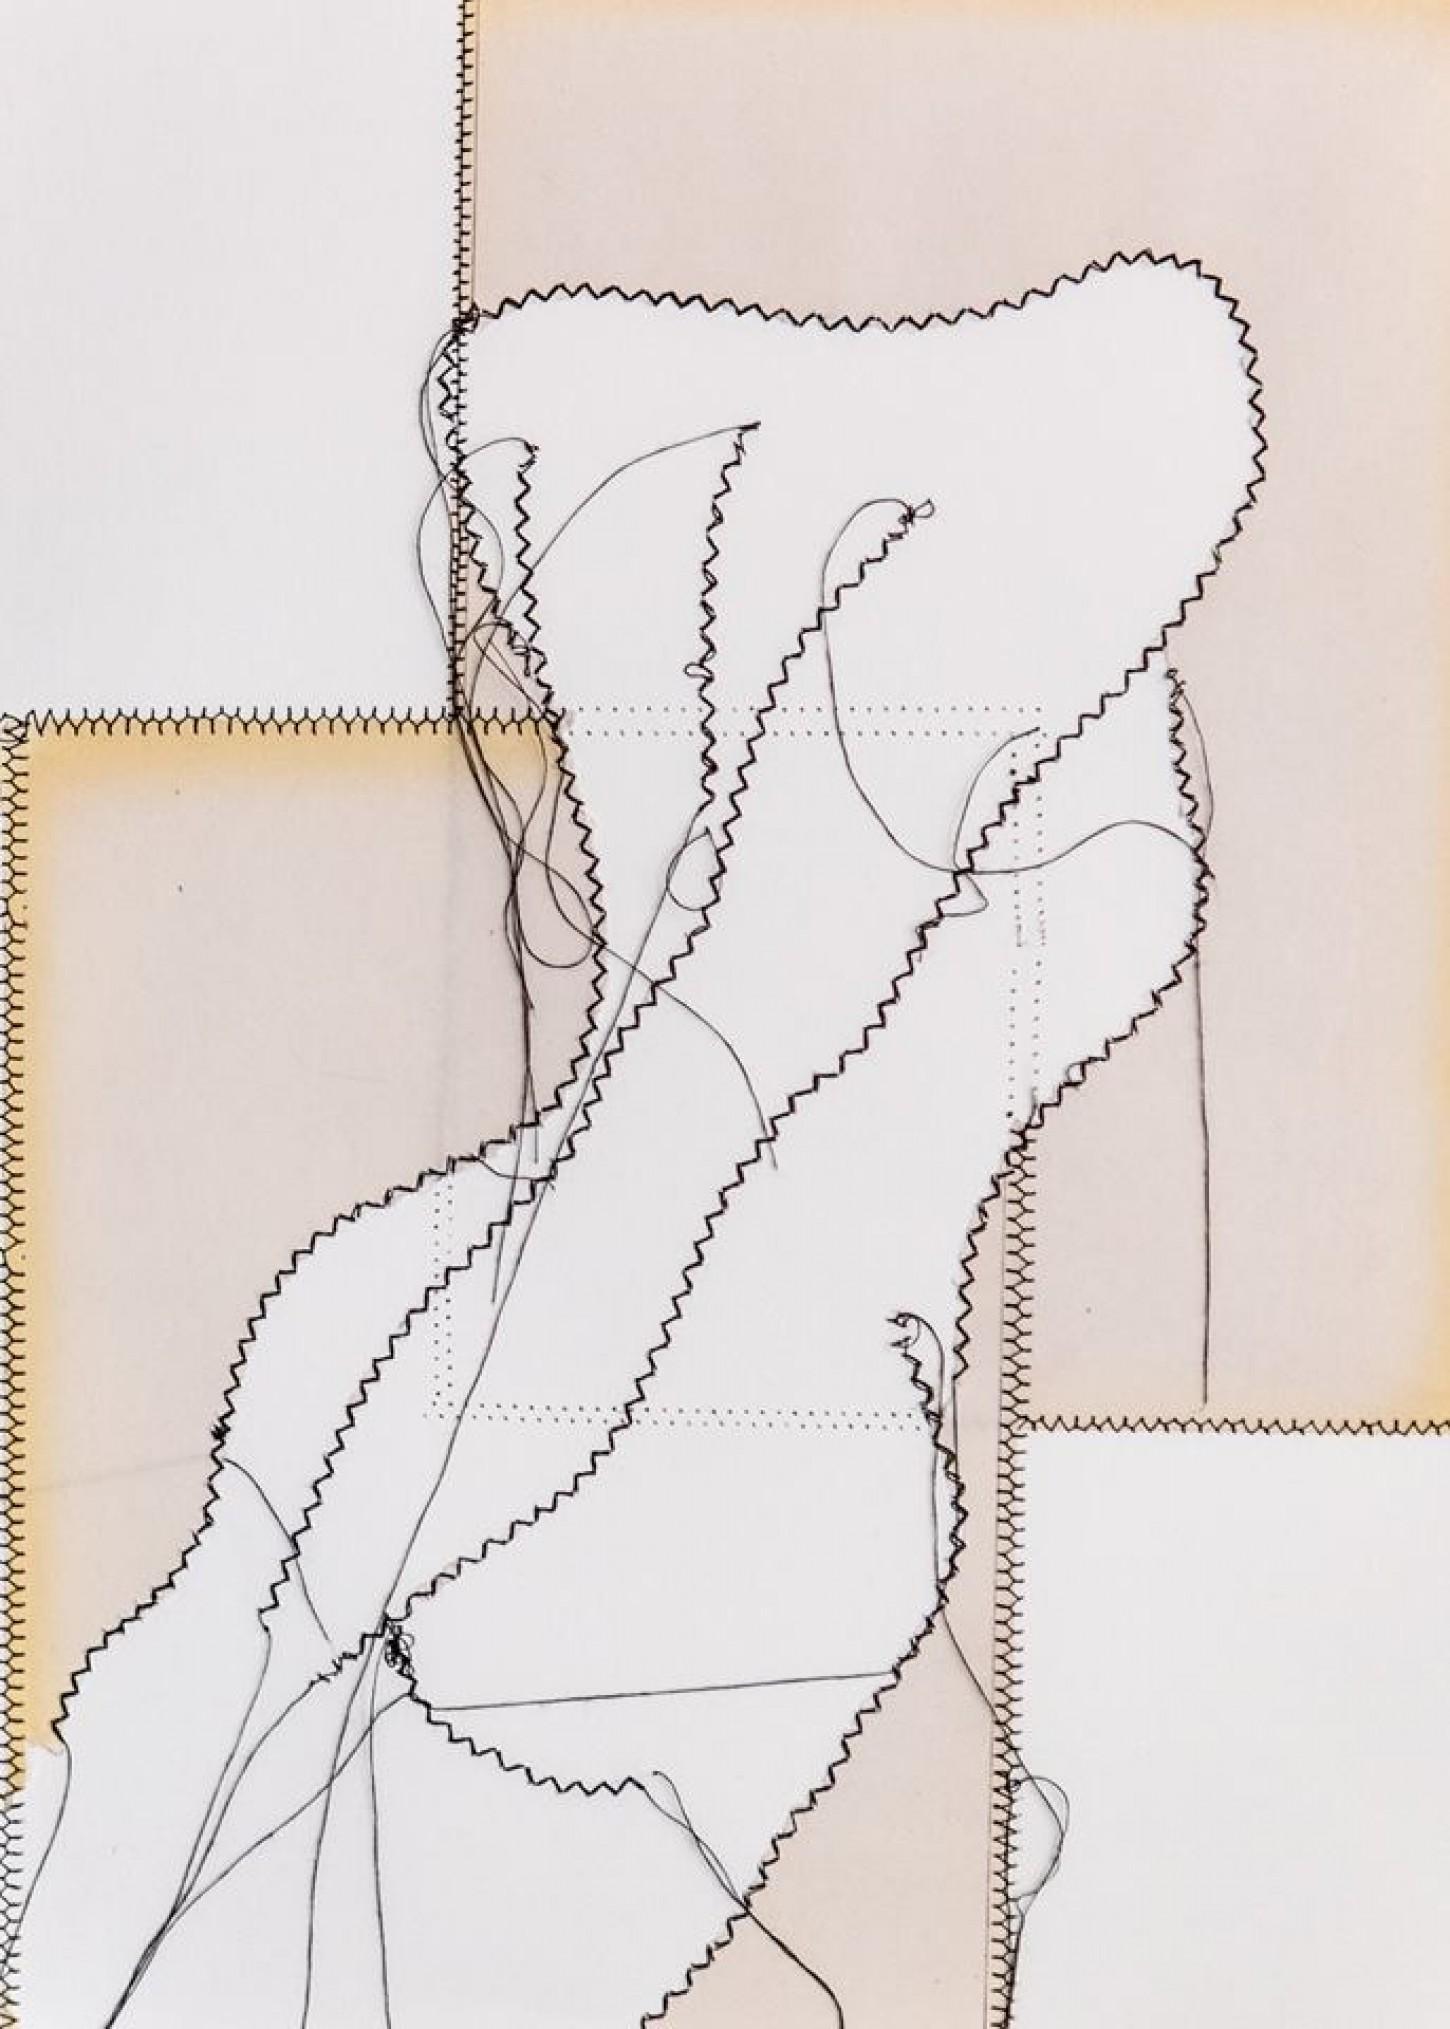 fil noir,papier sur canson 29.7x42 cm 2014